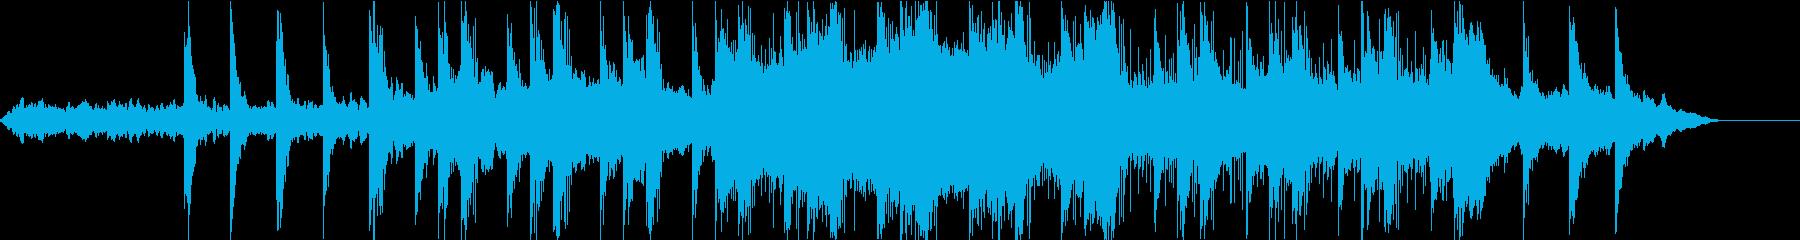 神秘的なドキュメンタリー番組向けBGMの再生済みの波形